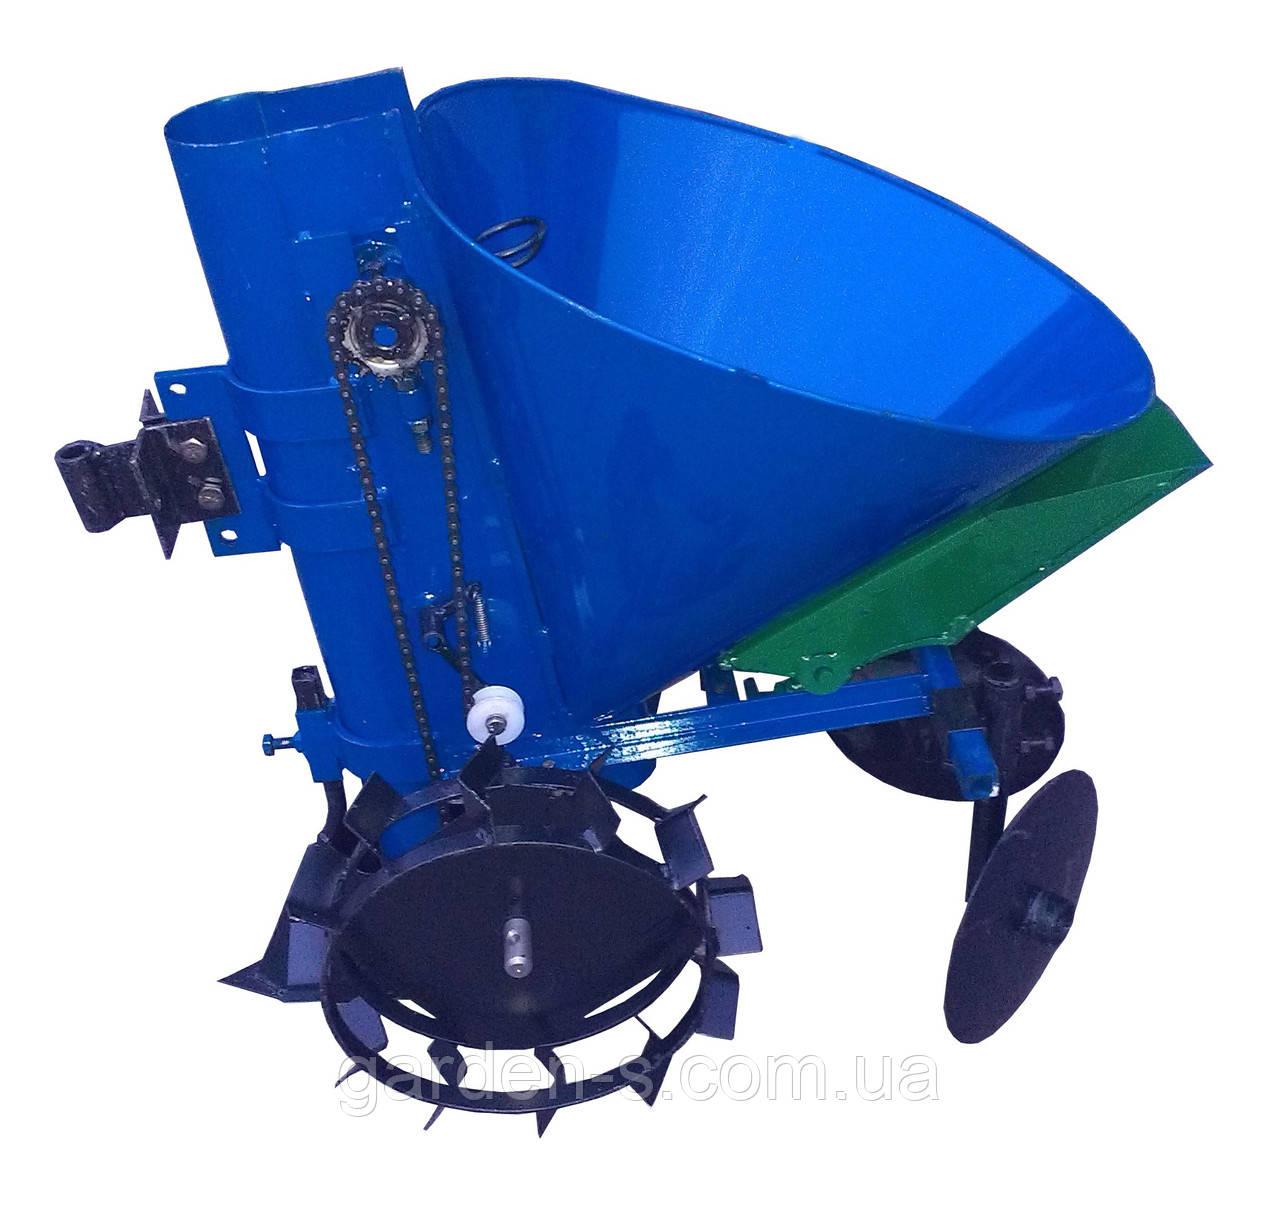 Картофелесажатель мотоблочный Кентавр КСМ-1ЦУ (синий) с бункером для удобрений